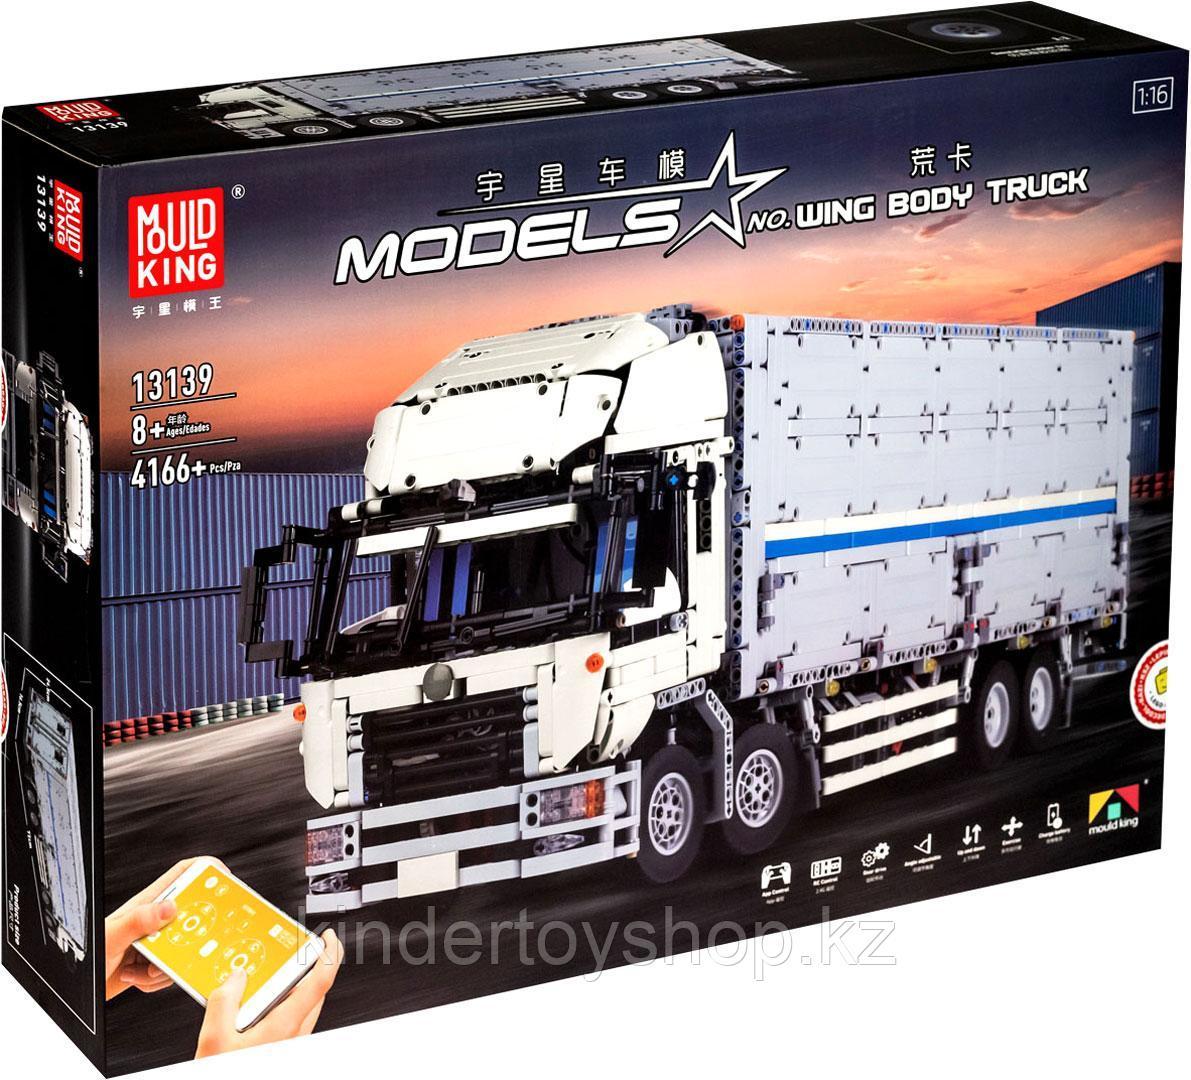 Конструктор Аналог лего Lego Technic MOC-1389  LEPIN 23008 Mould King 13139  Wing Body Truck грузовик фура